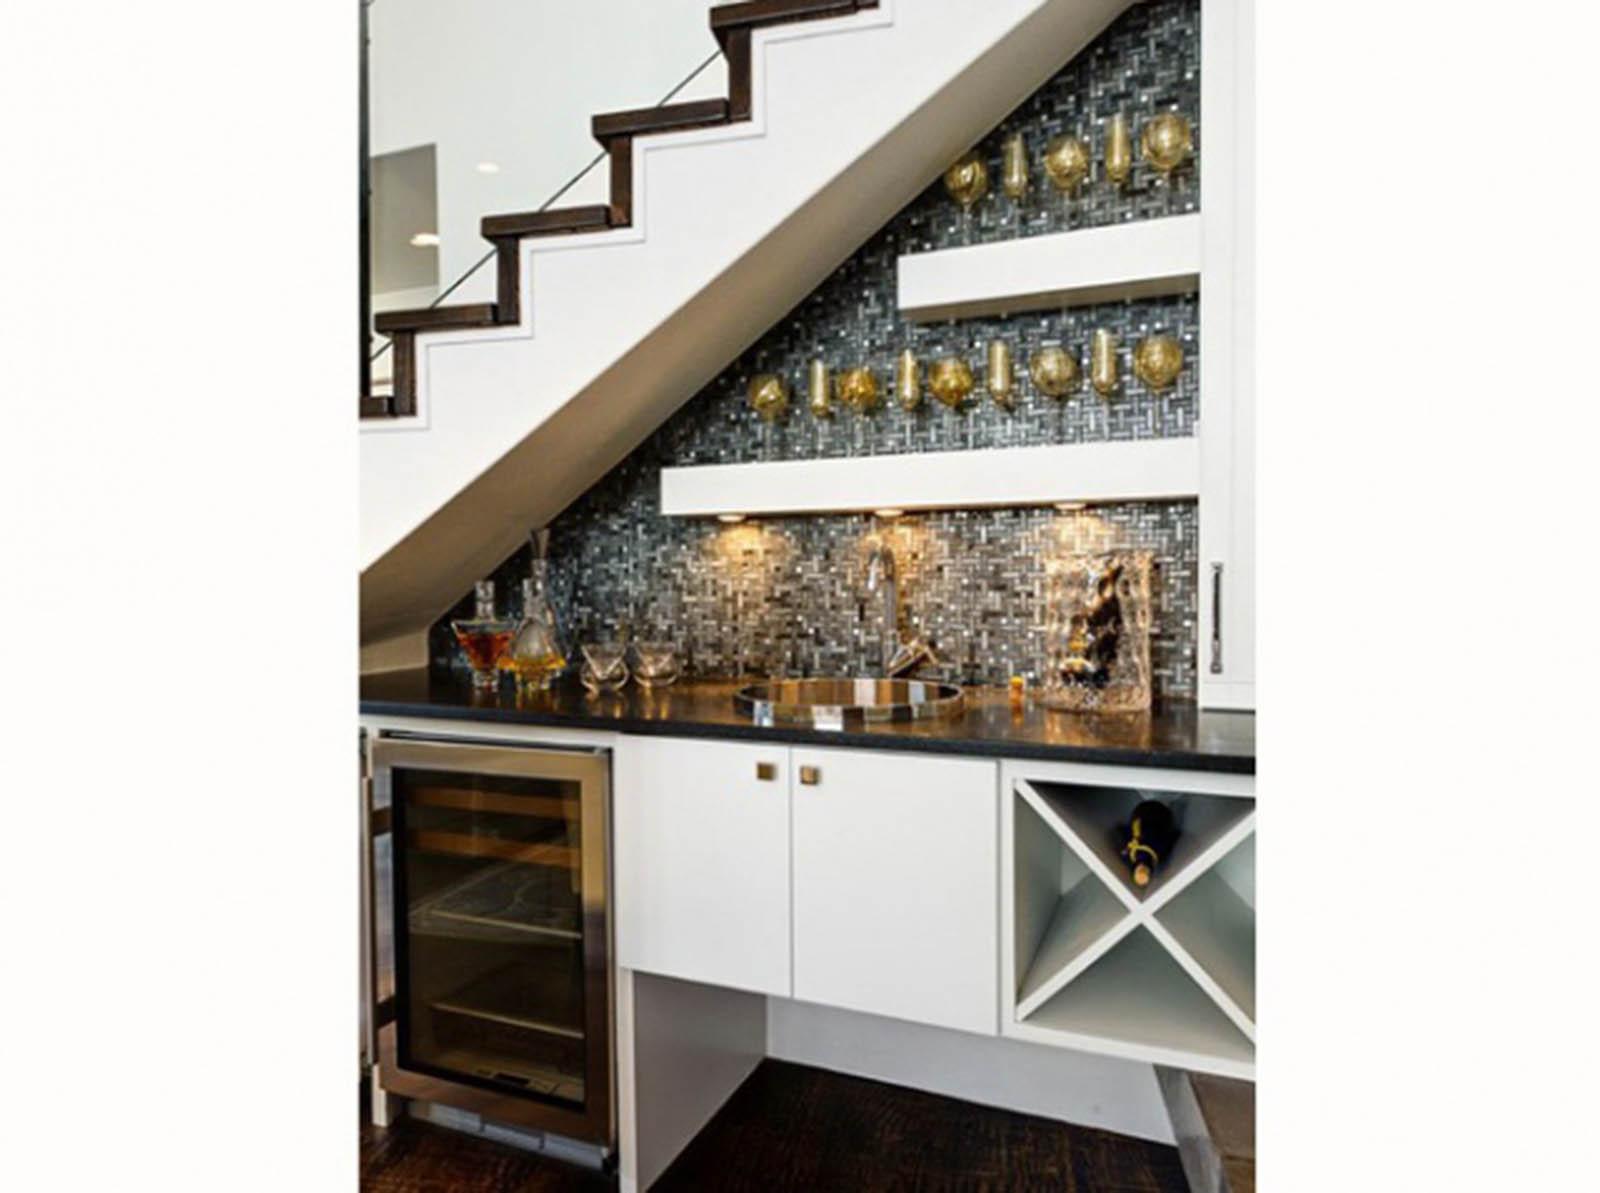 amenagement sous escalier tournant maison design. Black Bedroom Furniture Sets. Home Design Ideas